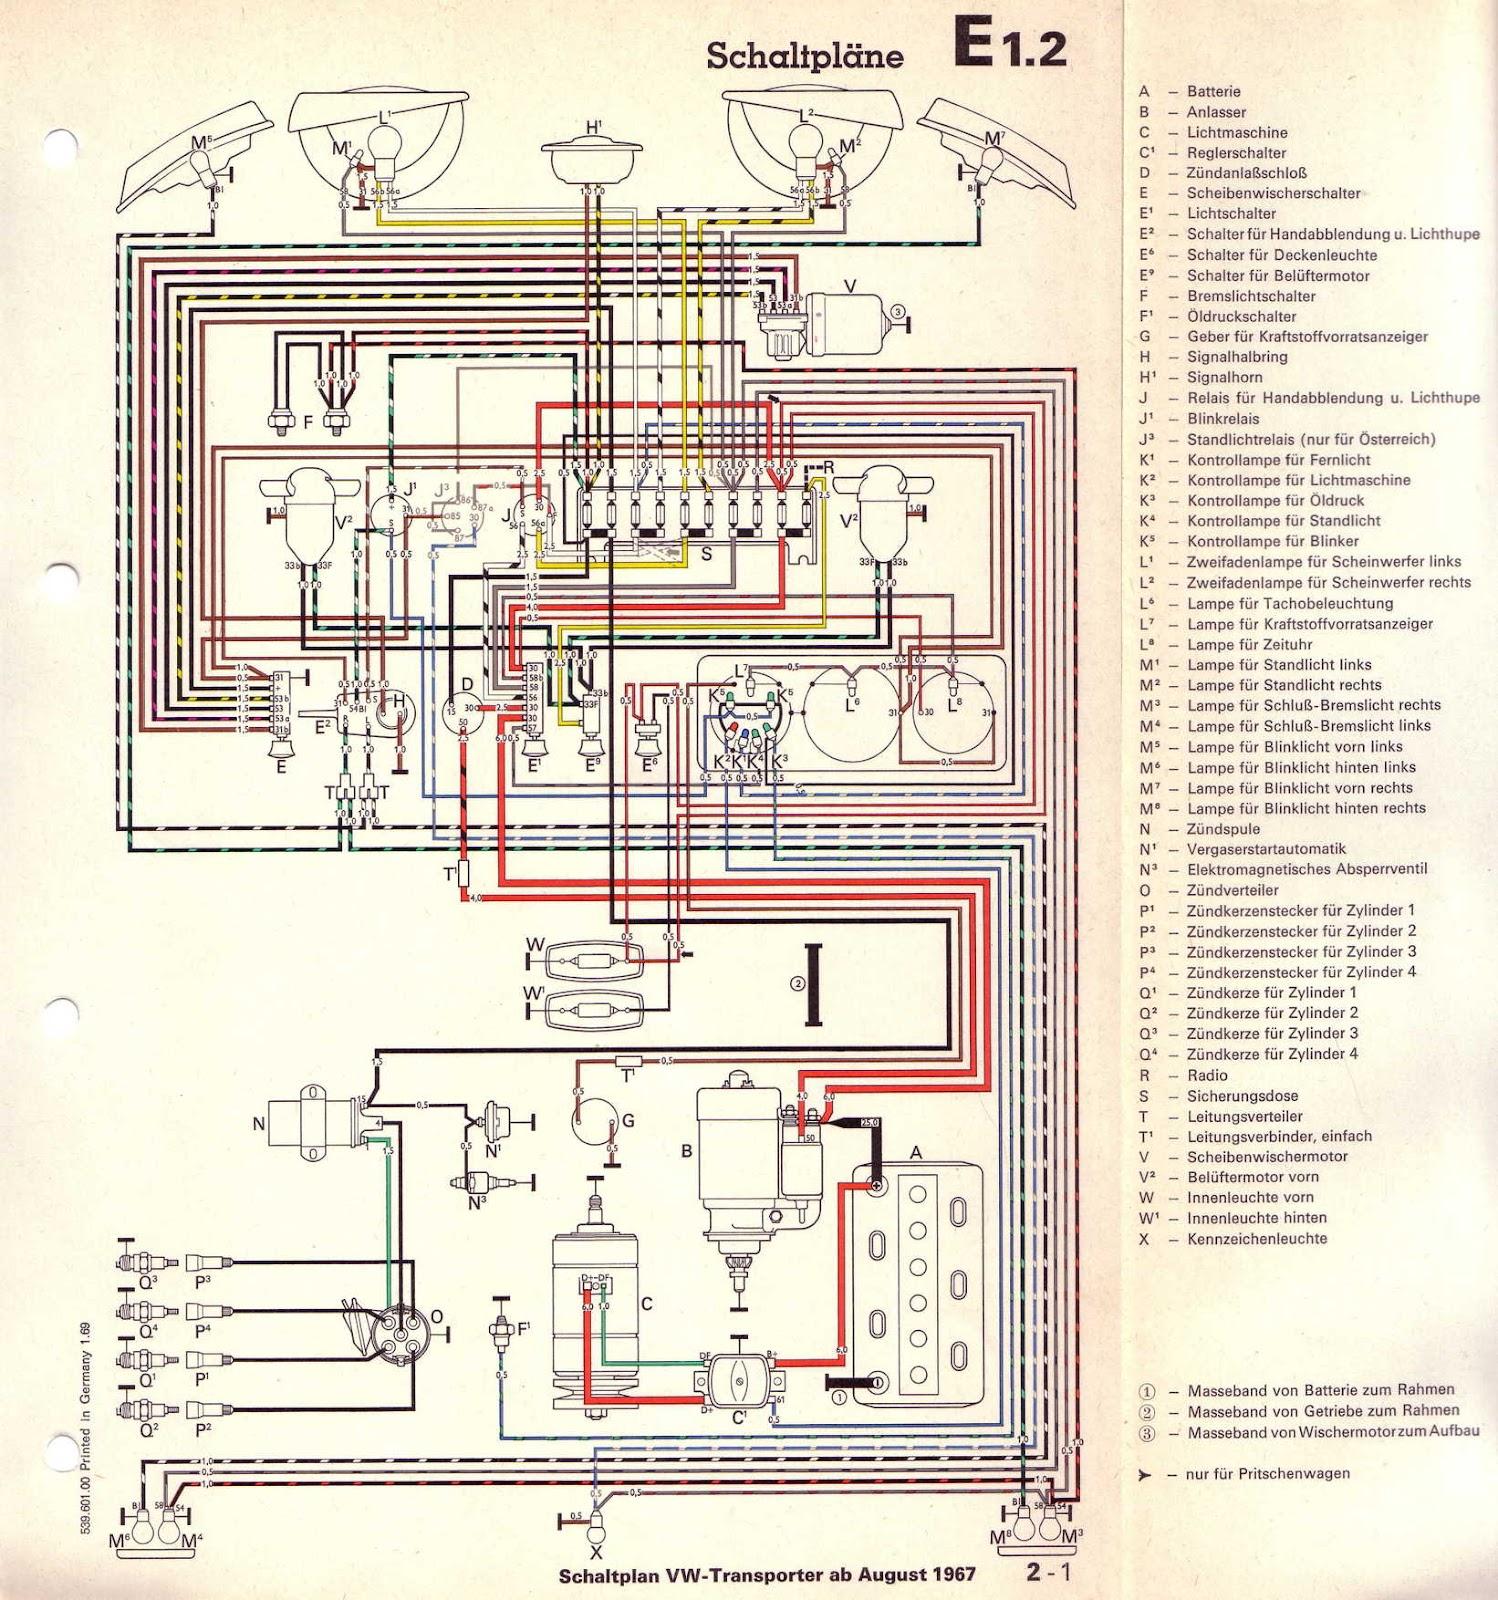 vw t1 wiring diagram 55 chevy under dash schemi elettrici